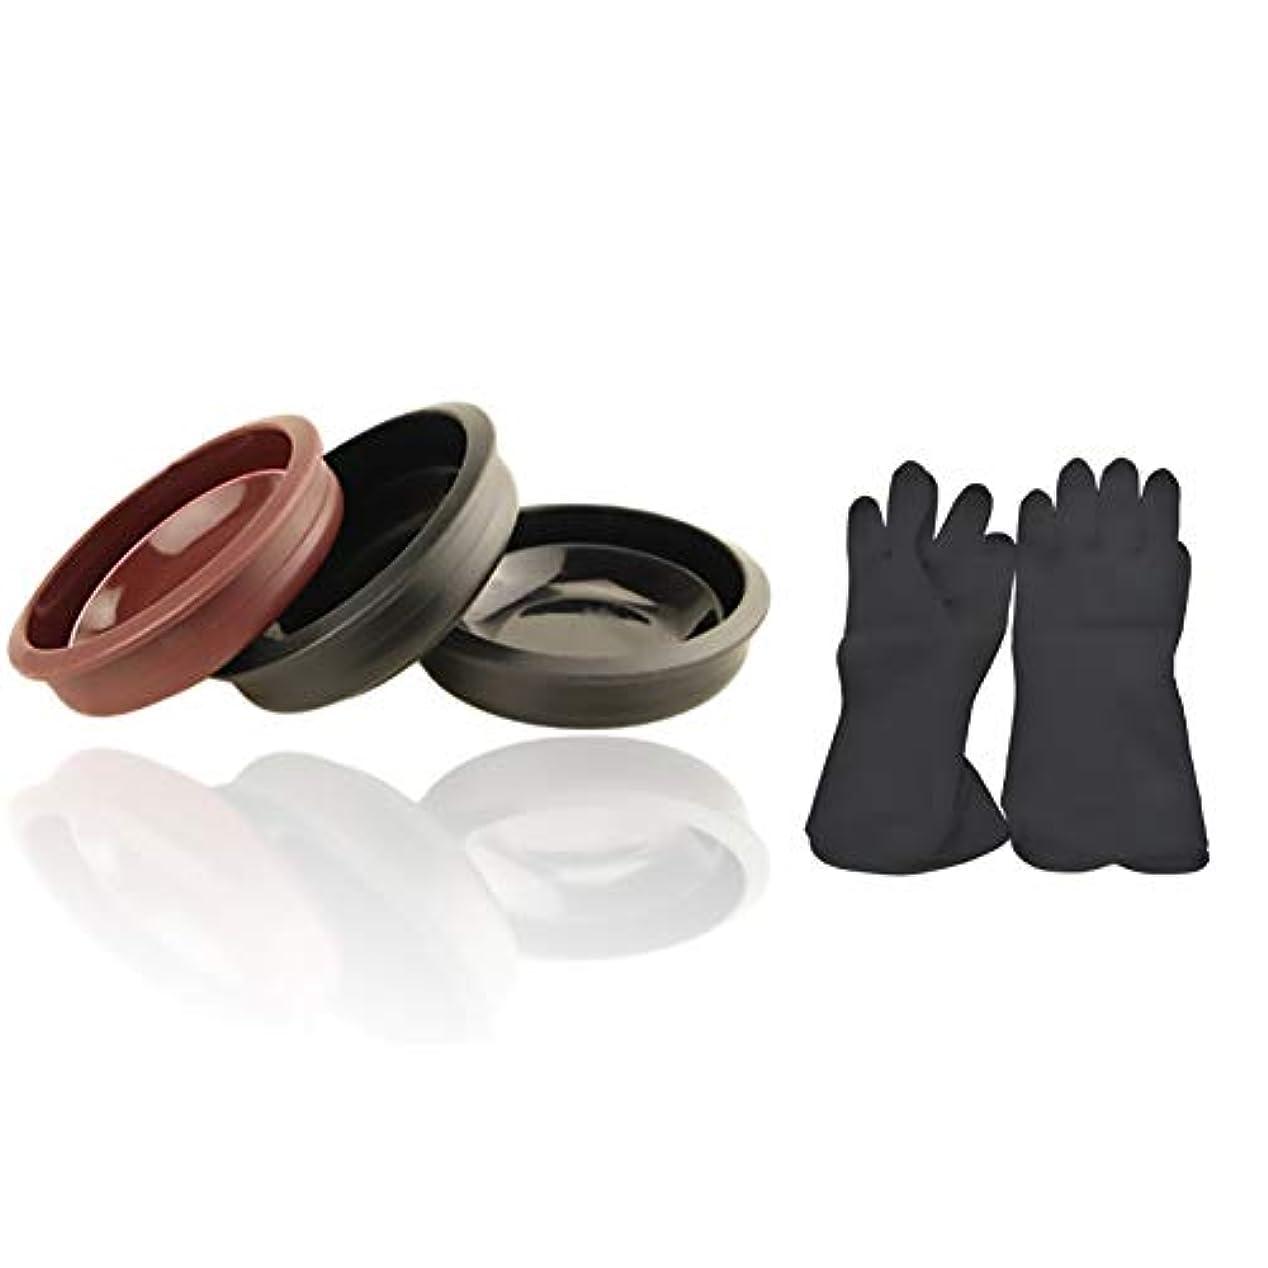 羨望何でもビデオTofover 3ピースヘアカラーミキシングボウルと20カウントヘアダイ手袋、黒の再利用可能なゴム手袋、ヘアサロンヘア染色のためのプロのヘアカラーツールキット